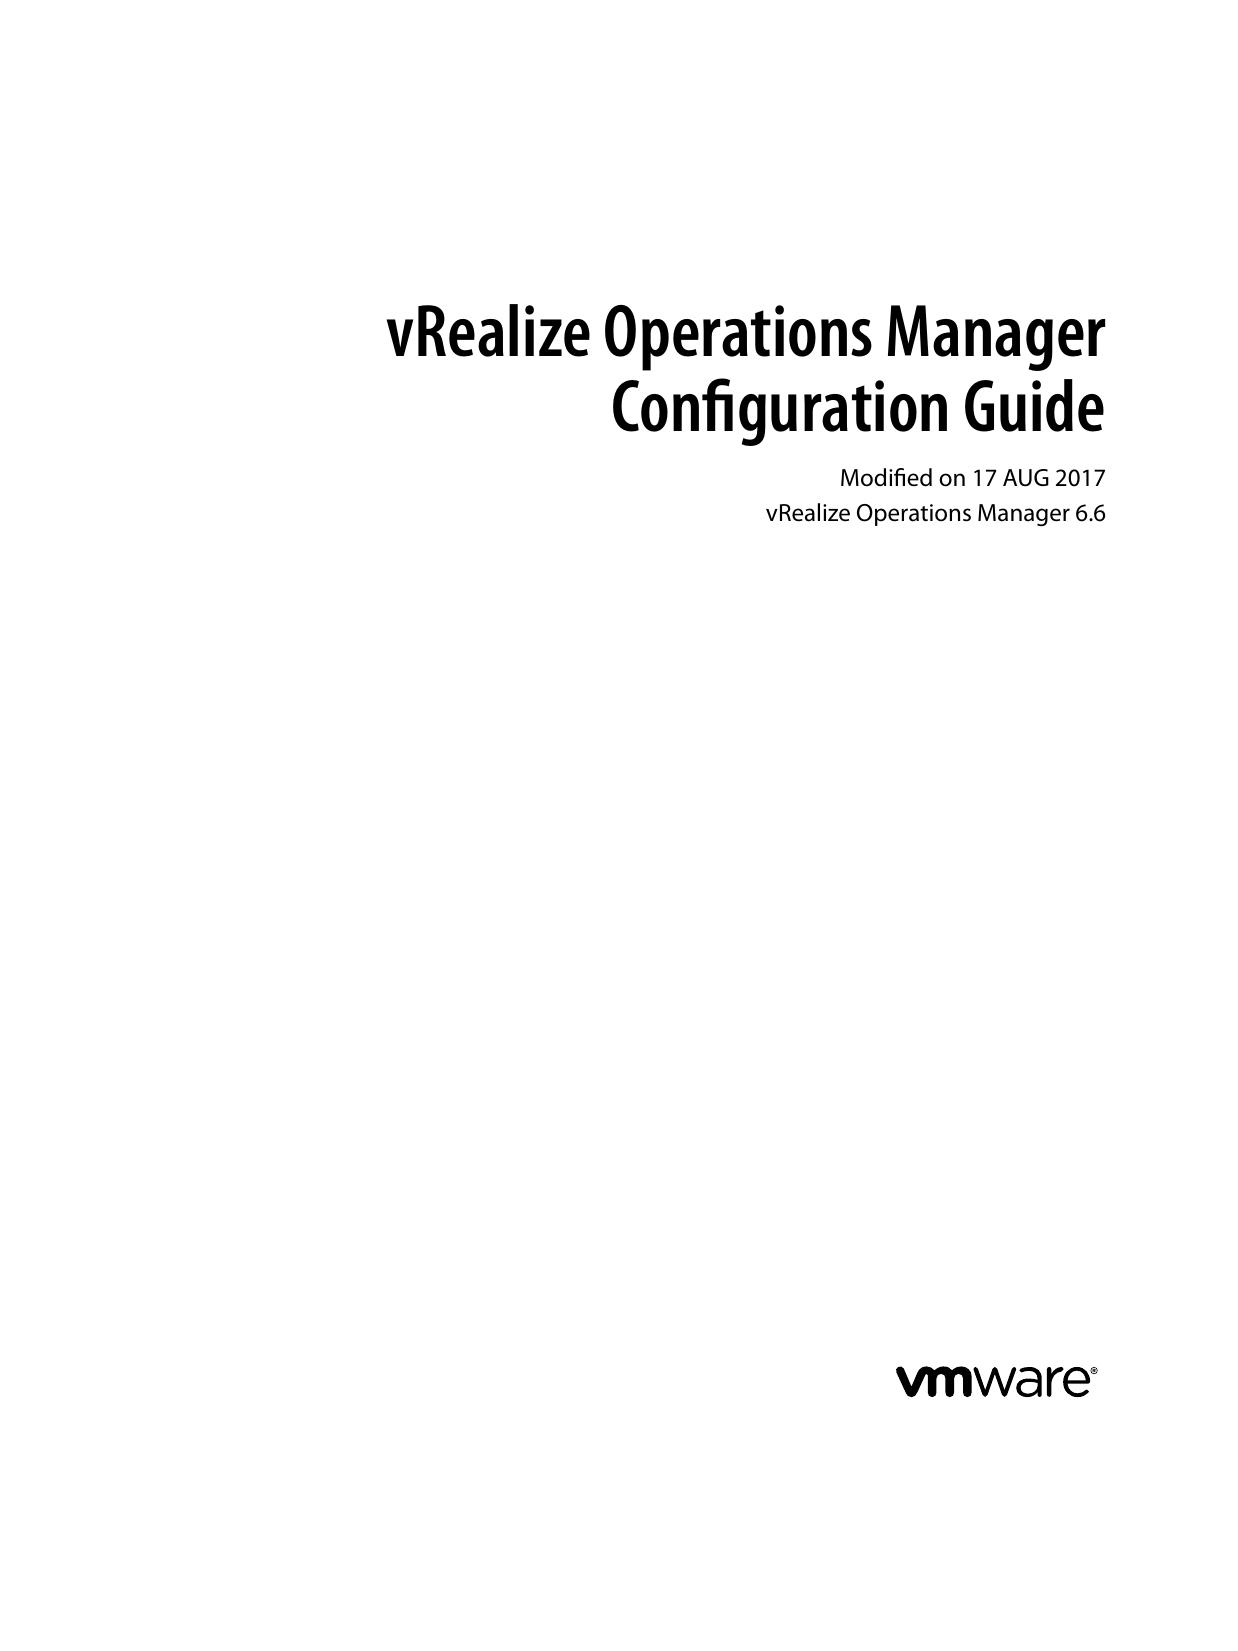 vRealize Operations Manager Configuration Guide | manualzz com